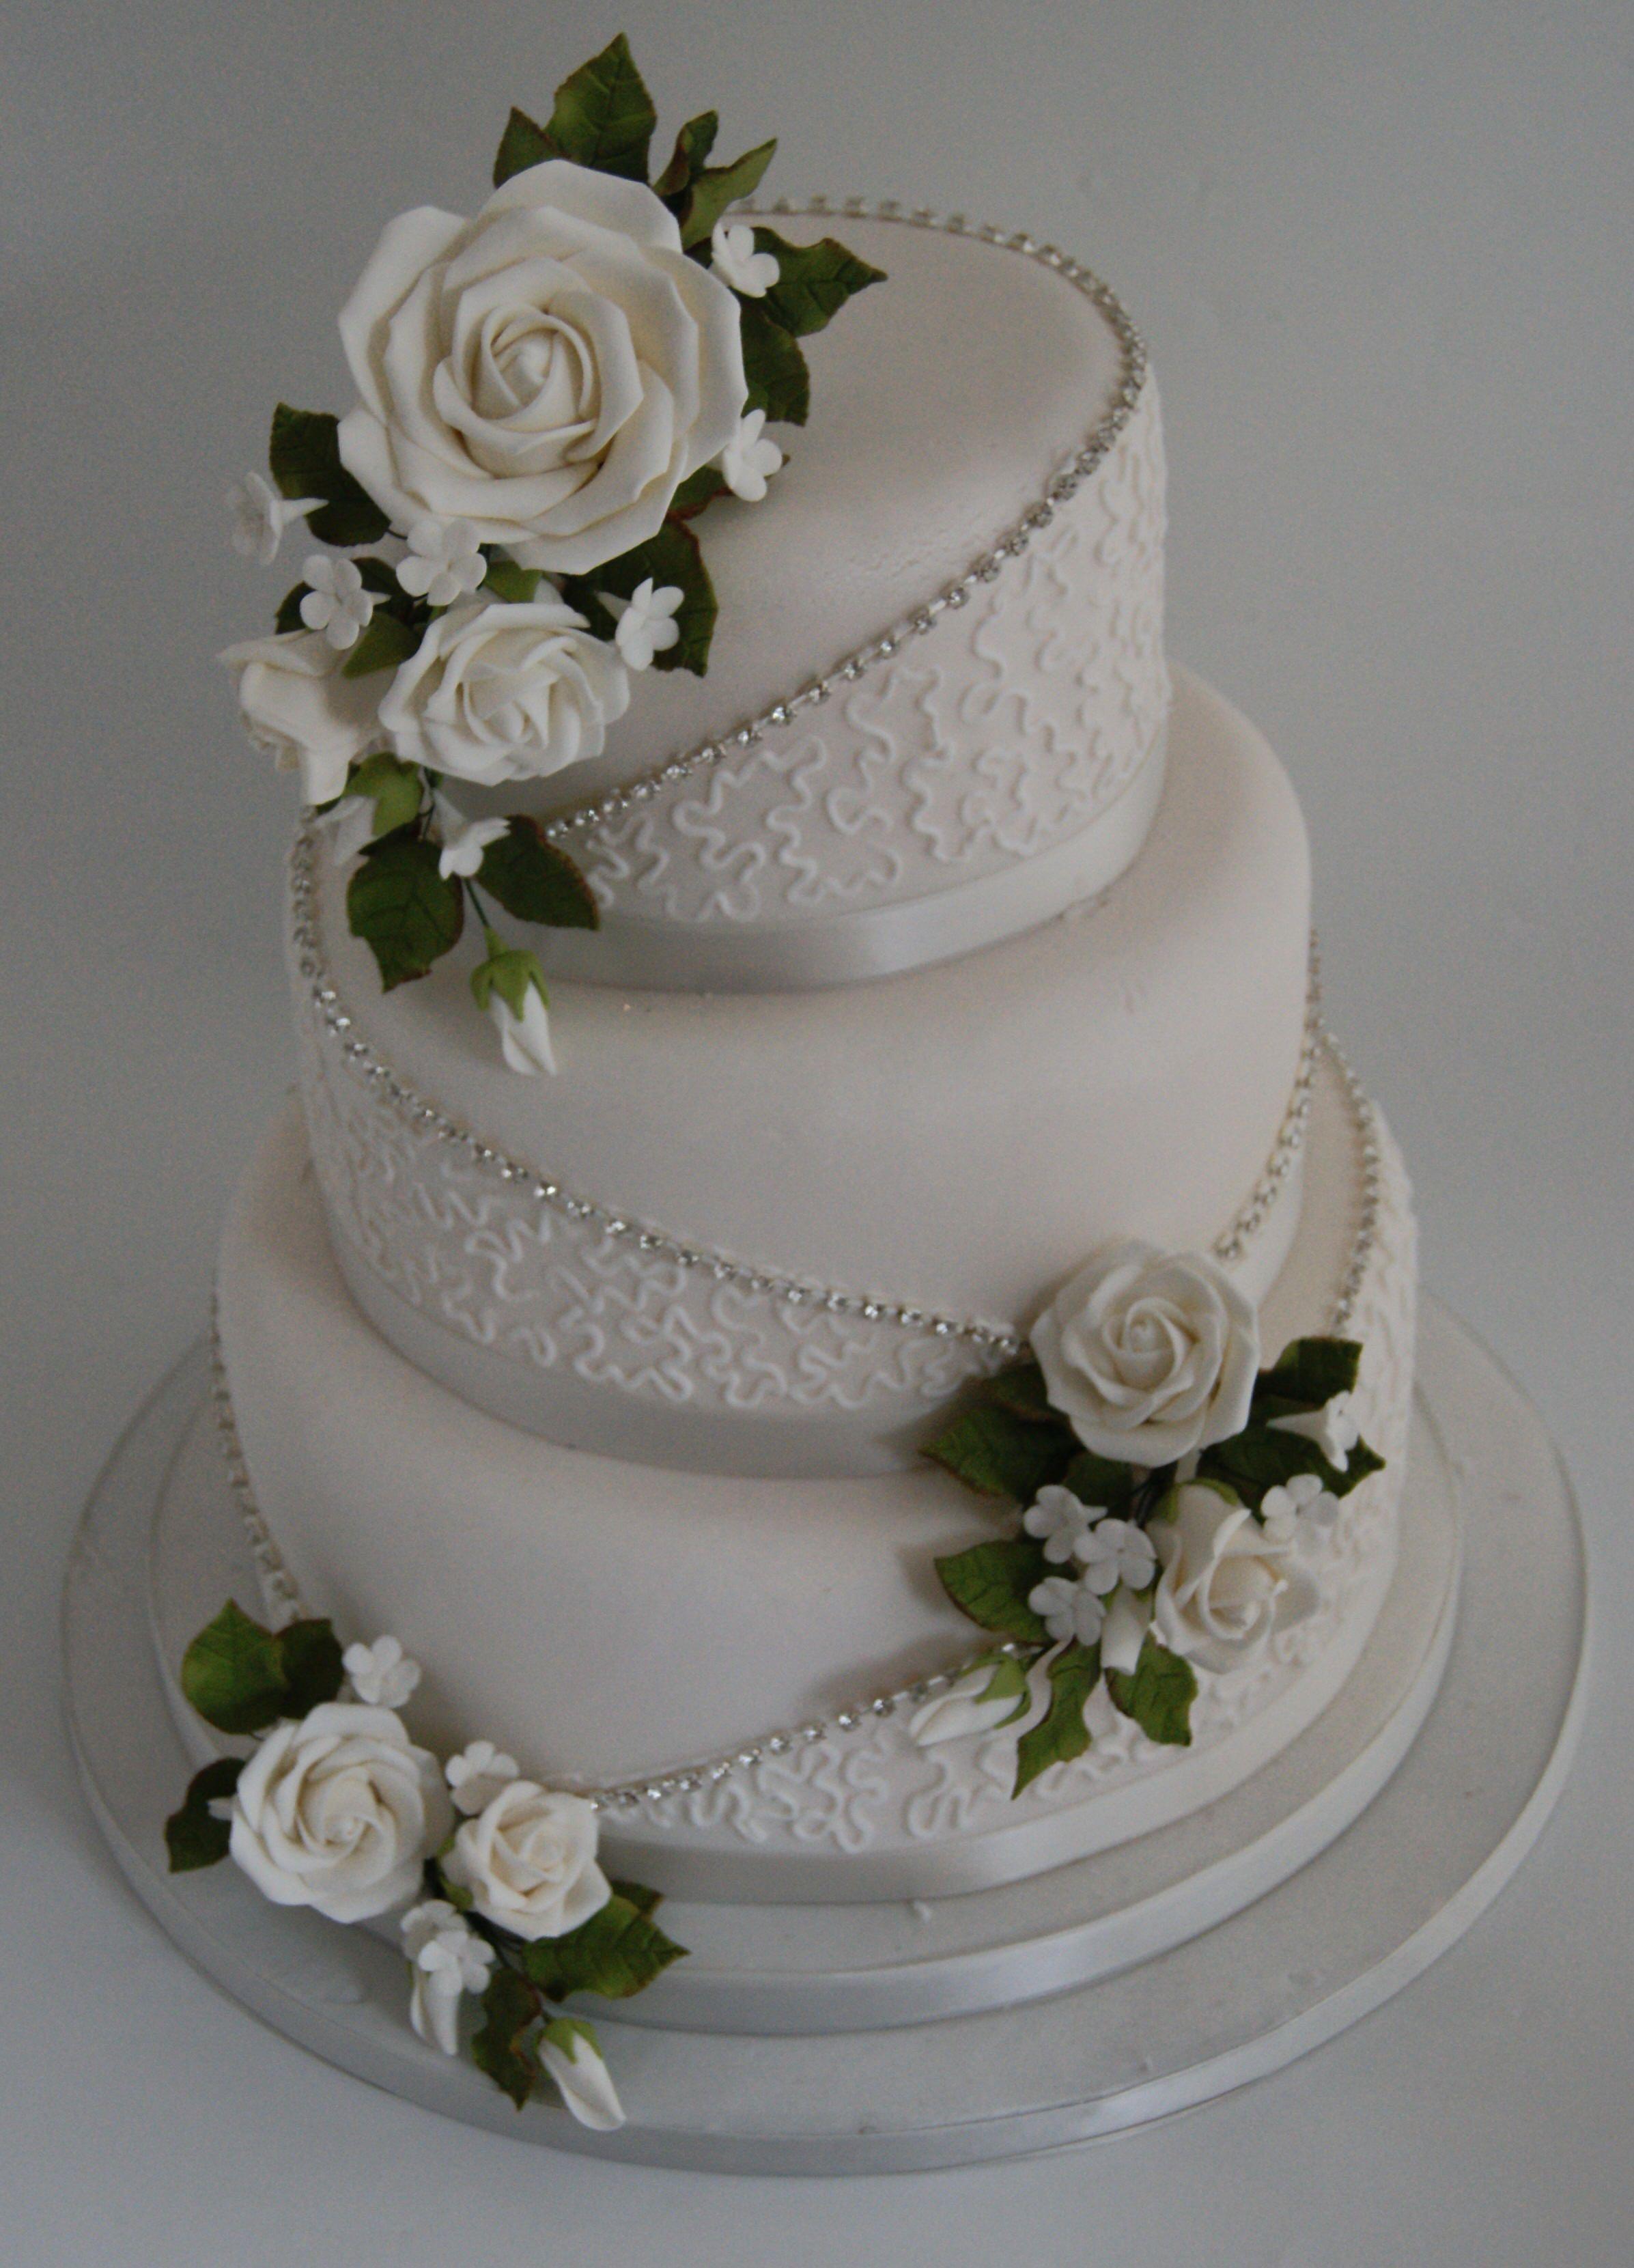 Found my grandmas 60th wedding anniversary cake but will